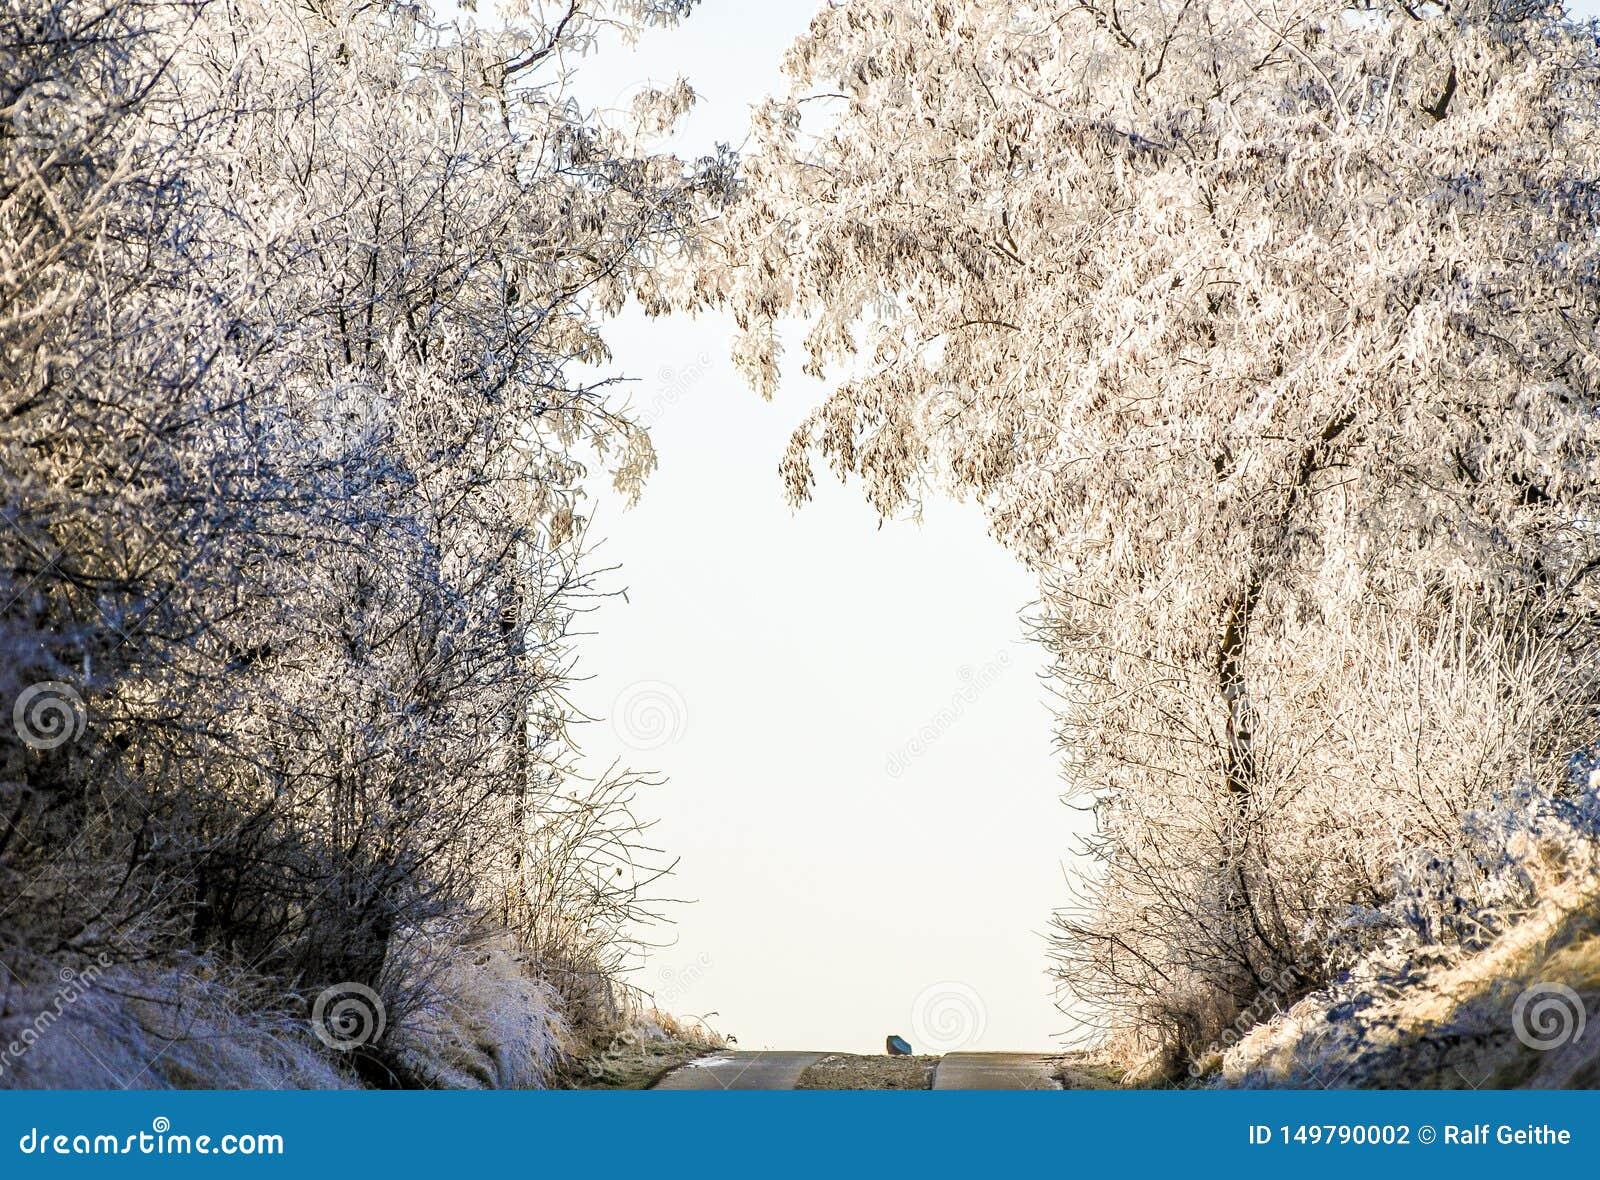 Los árboles congelados representan una puerta sobre el camino